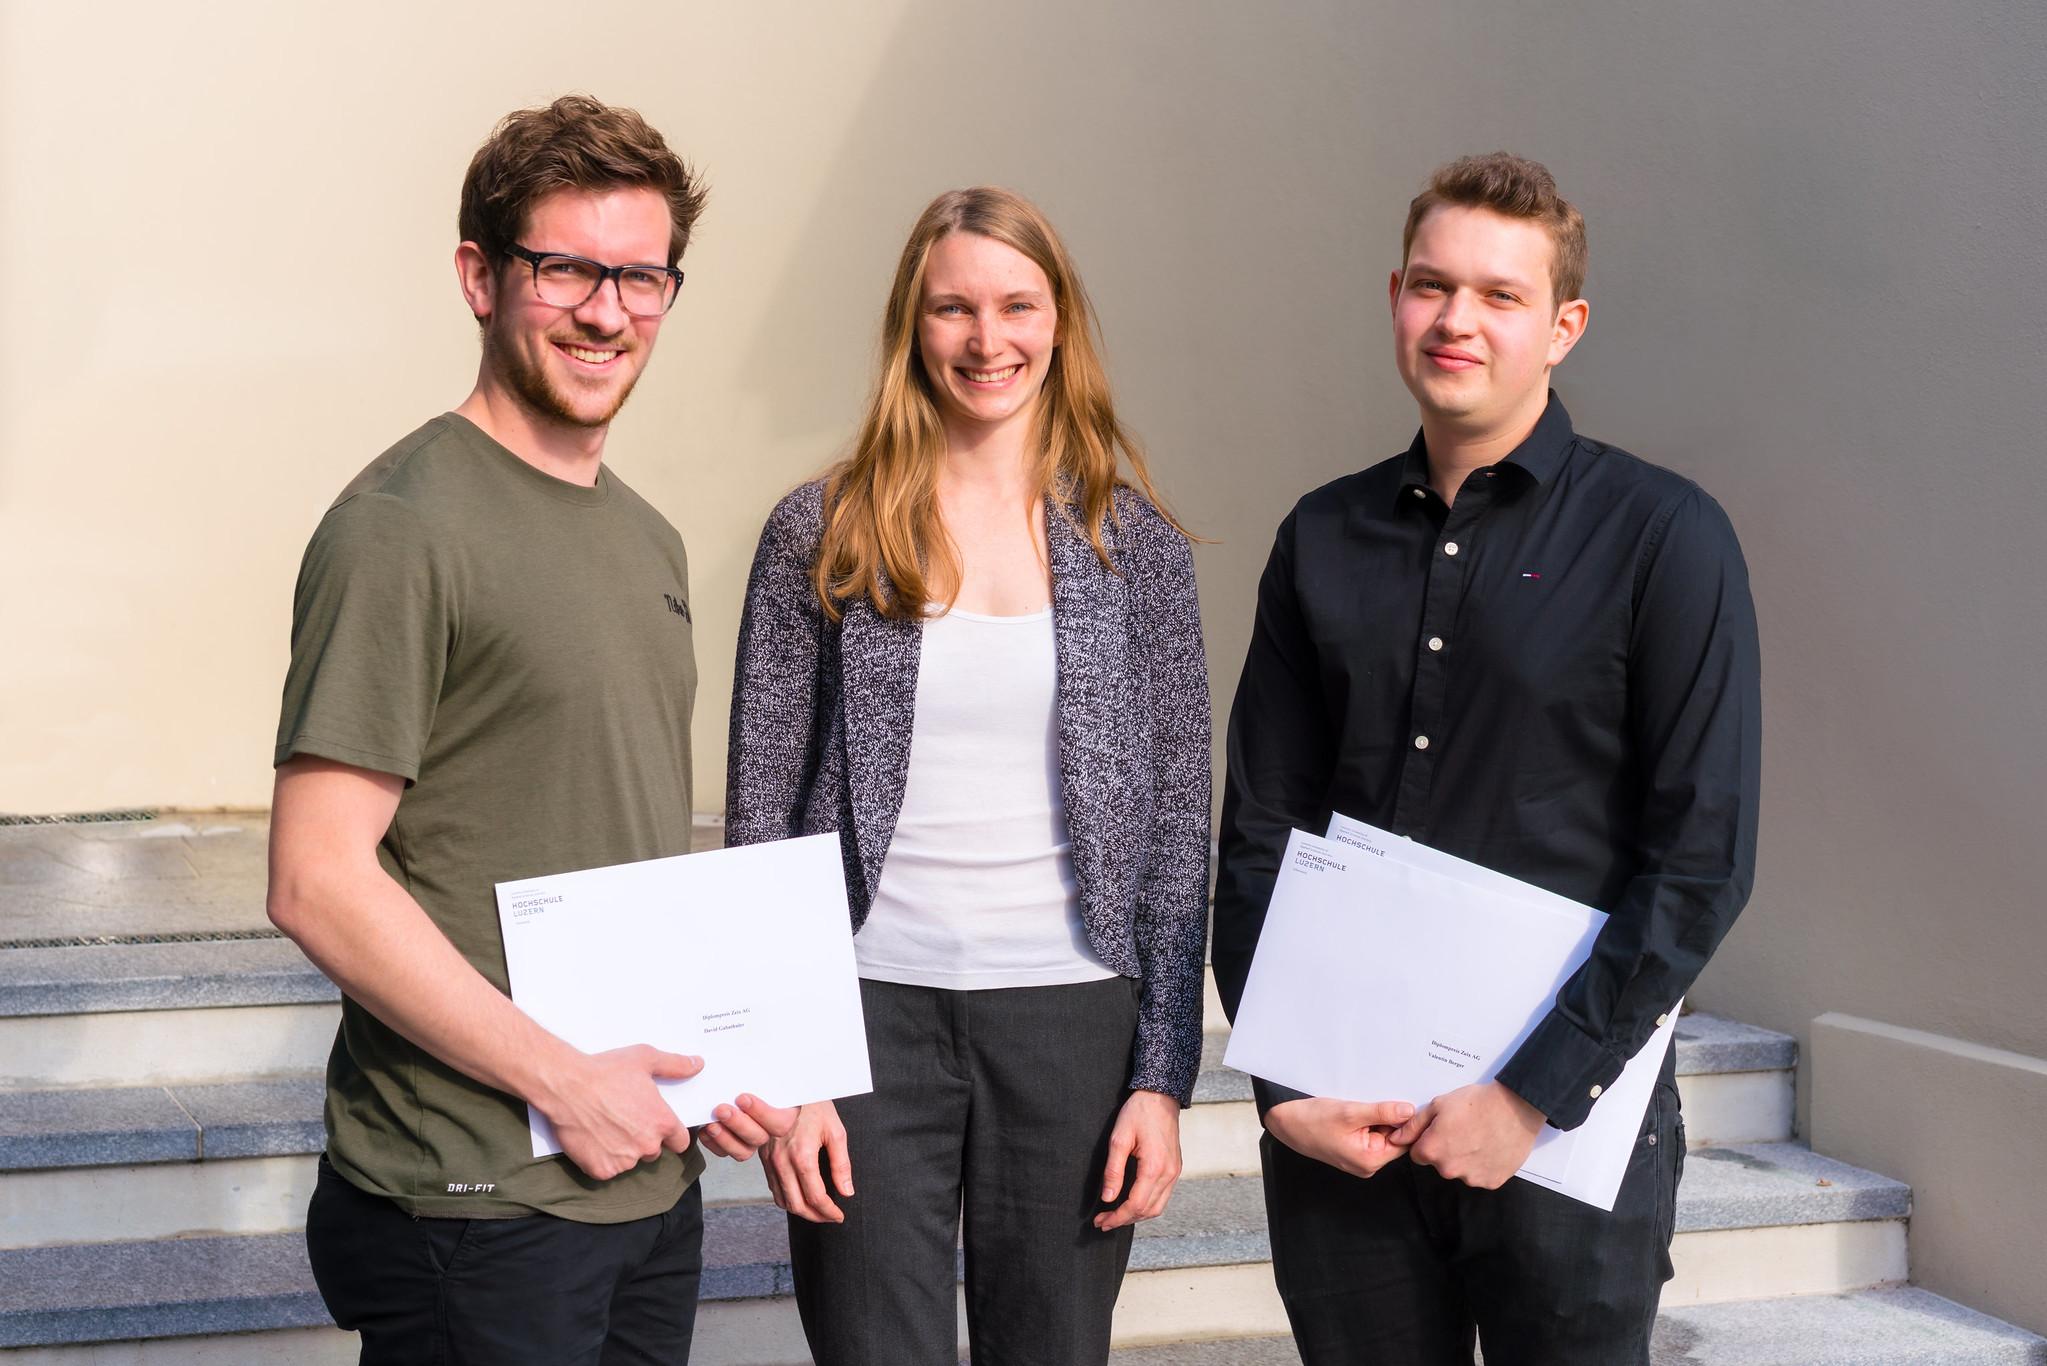 Gruppenfoto mit David Gabathuler, Stefanie Hirsiger (Zeix) und Valentin Berger